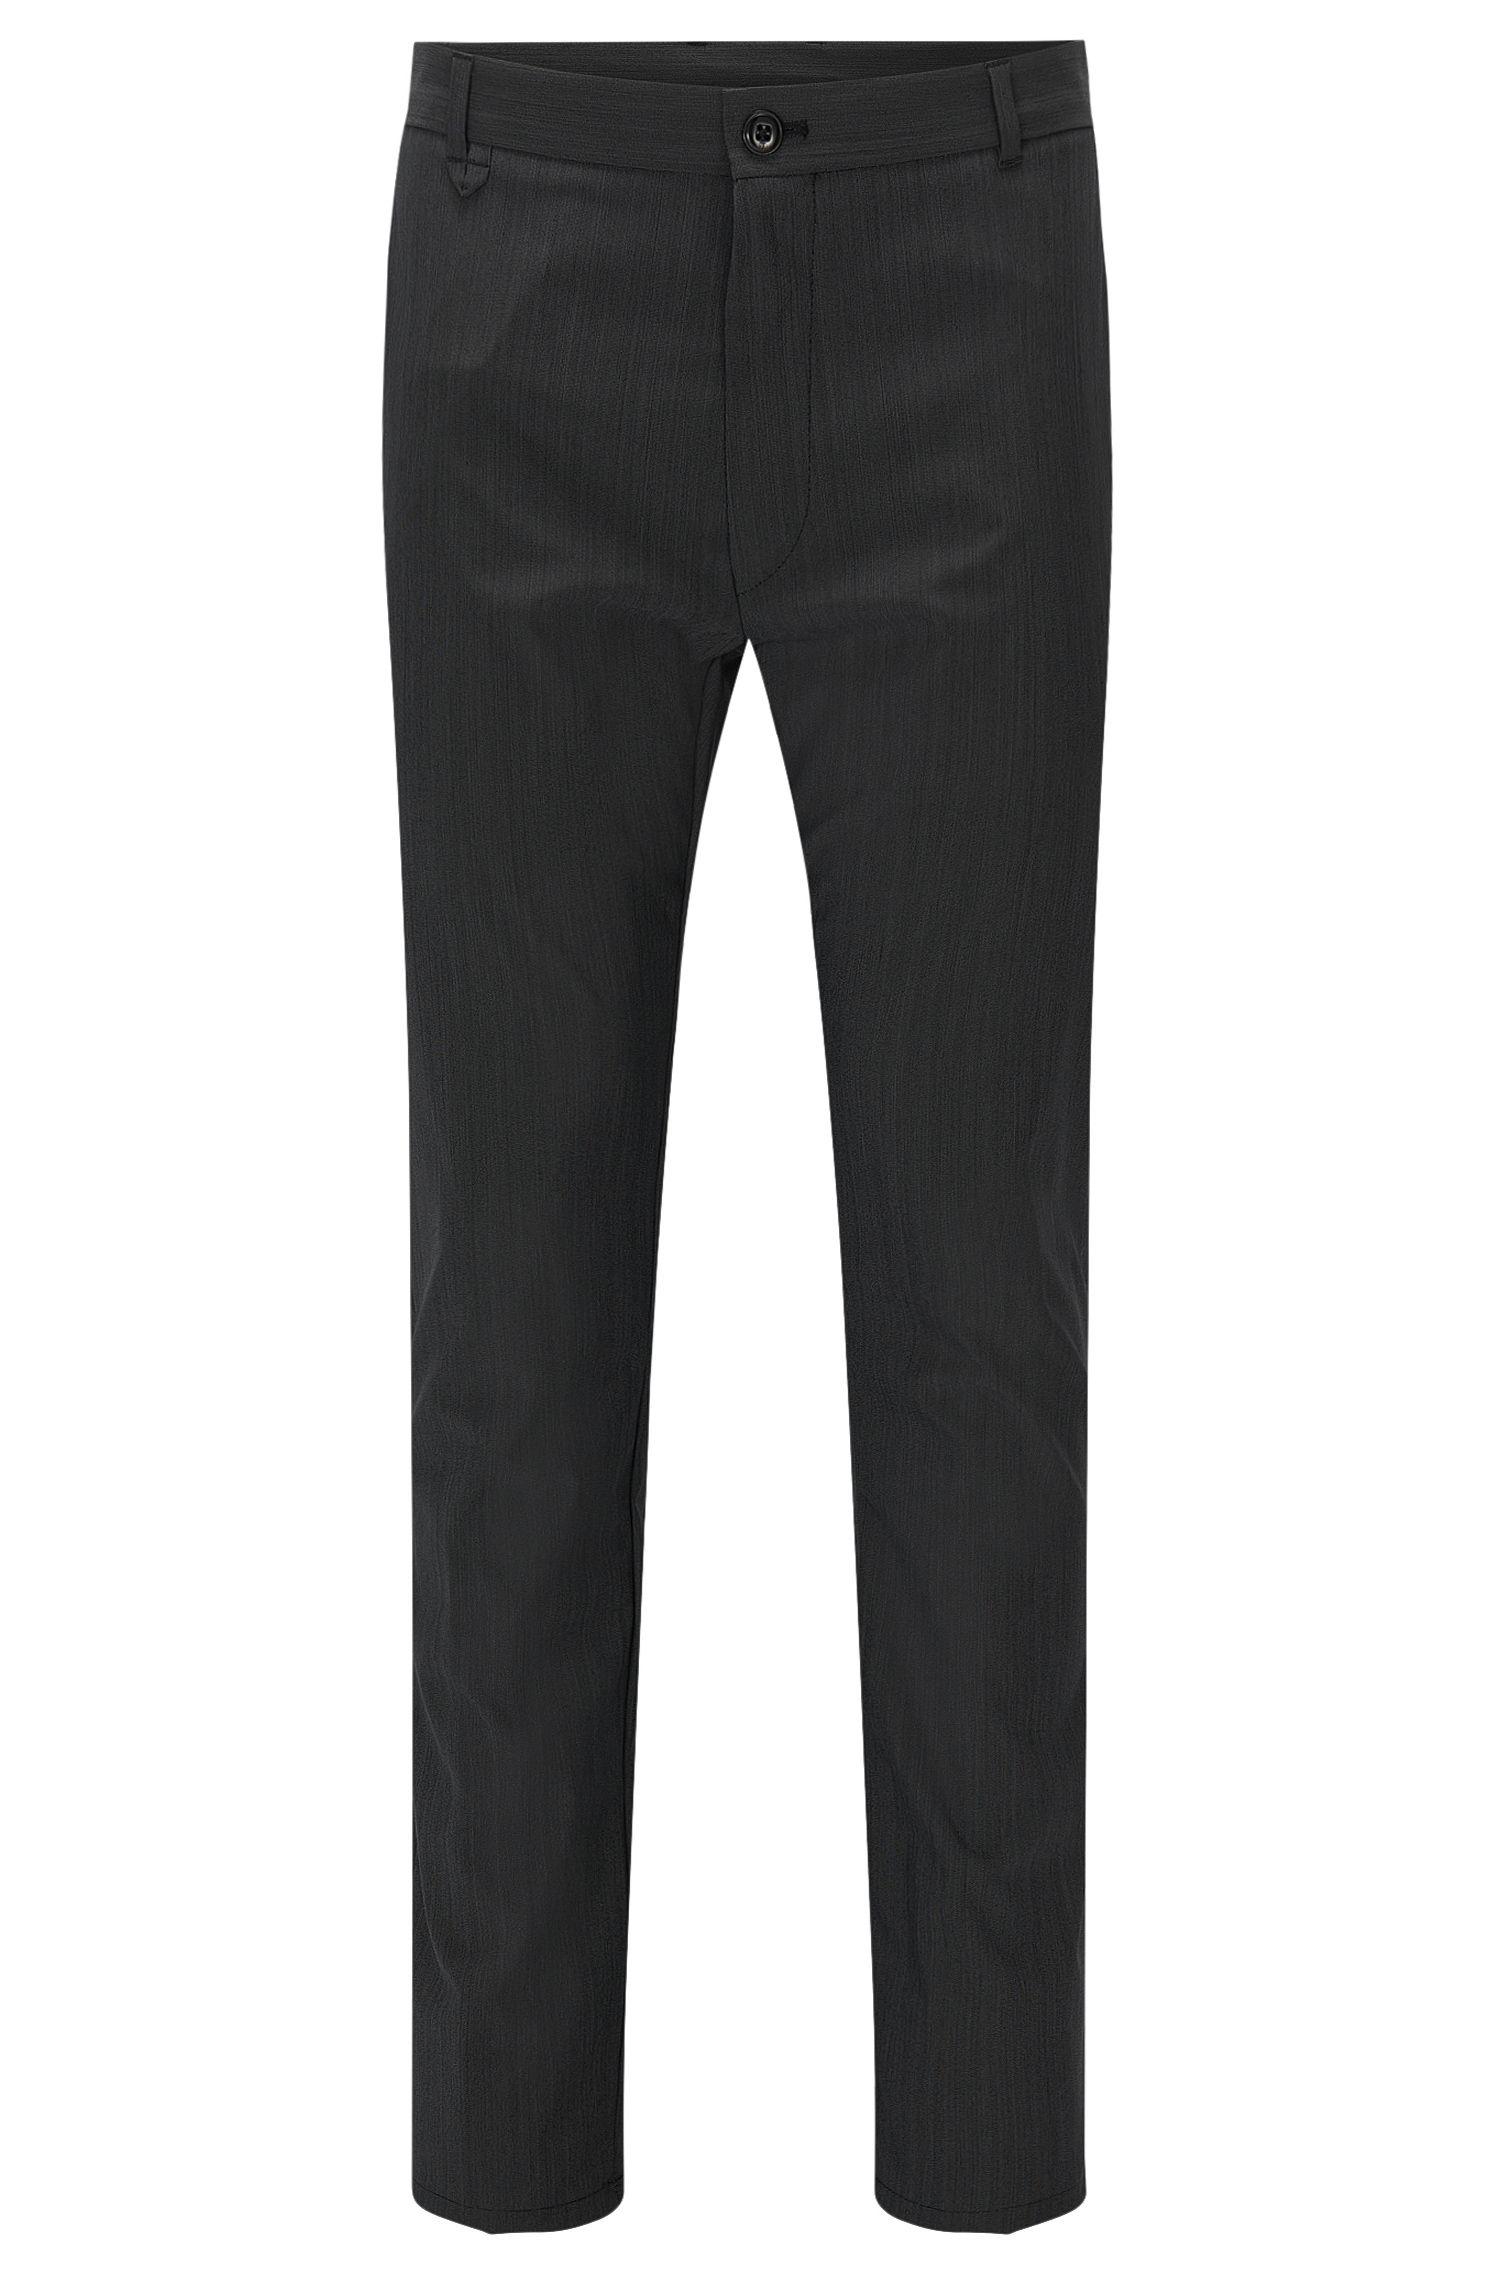 Virgin Wool Blend Pants, Slim Fit | Heldor